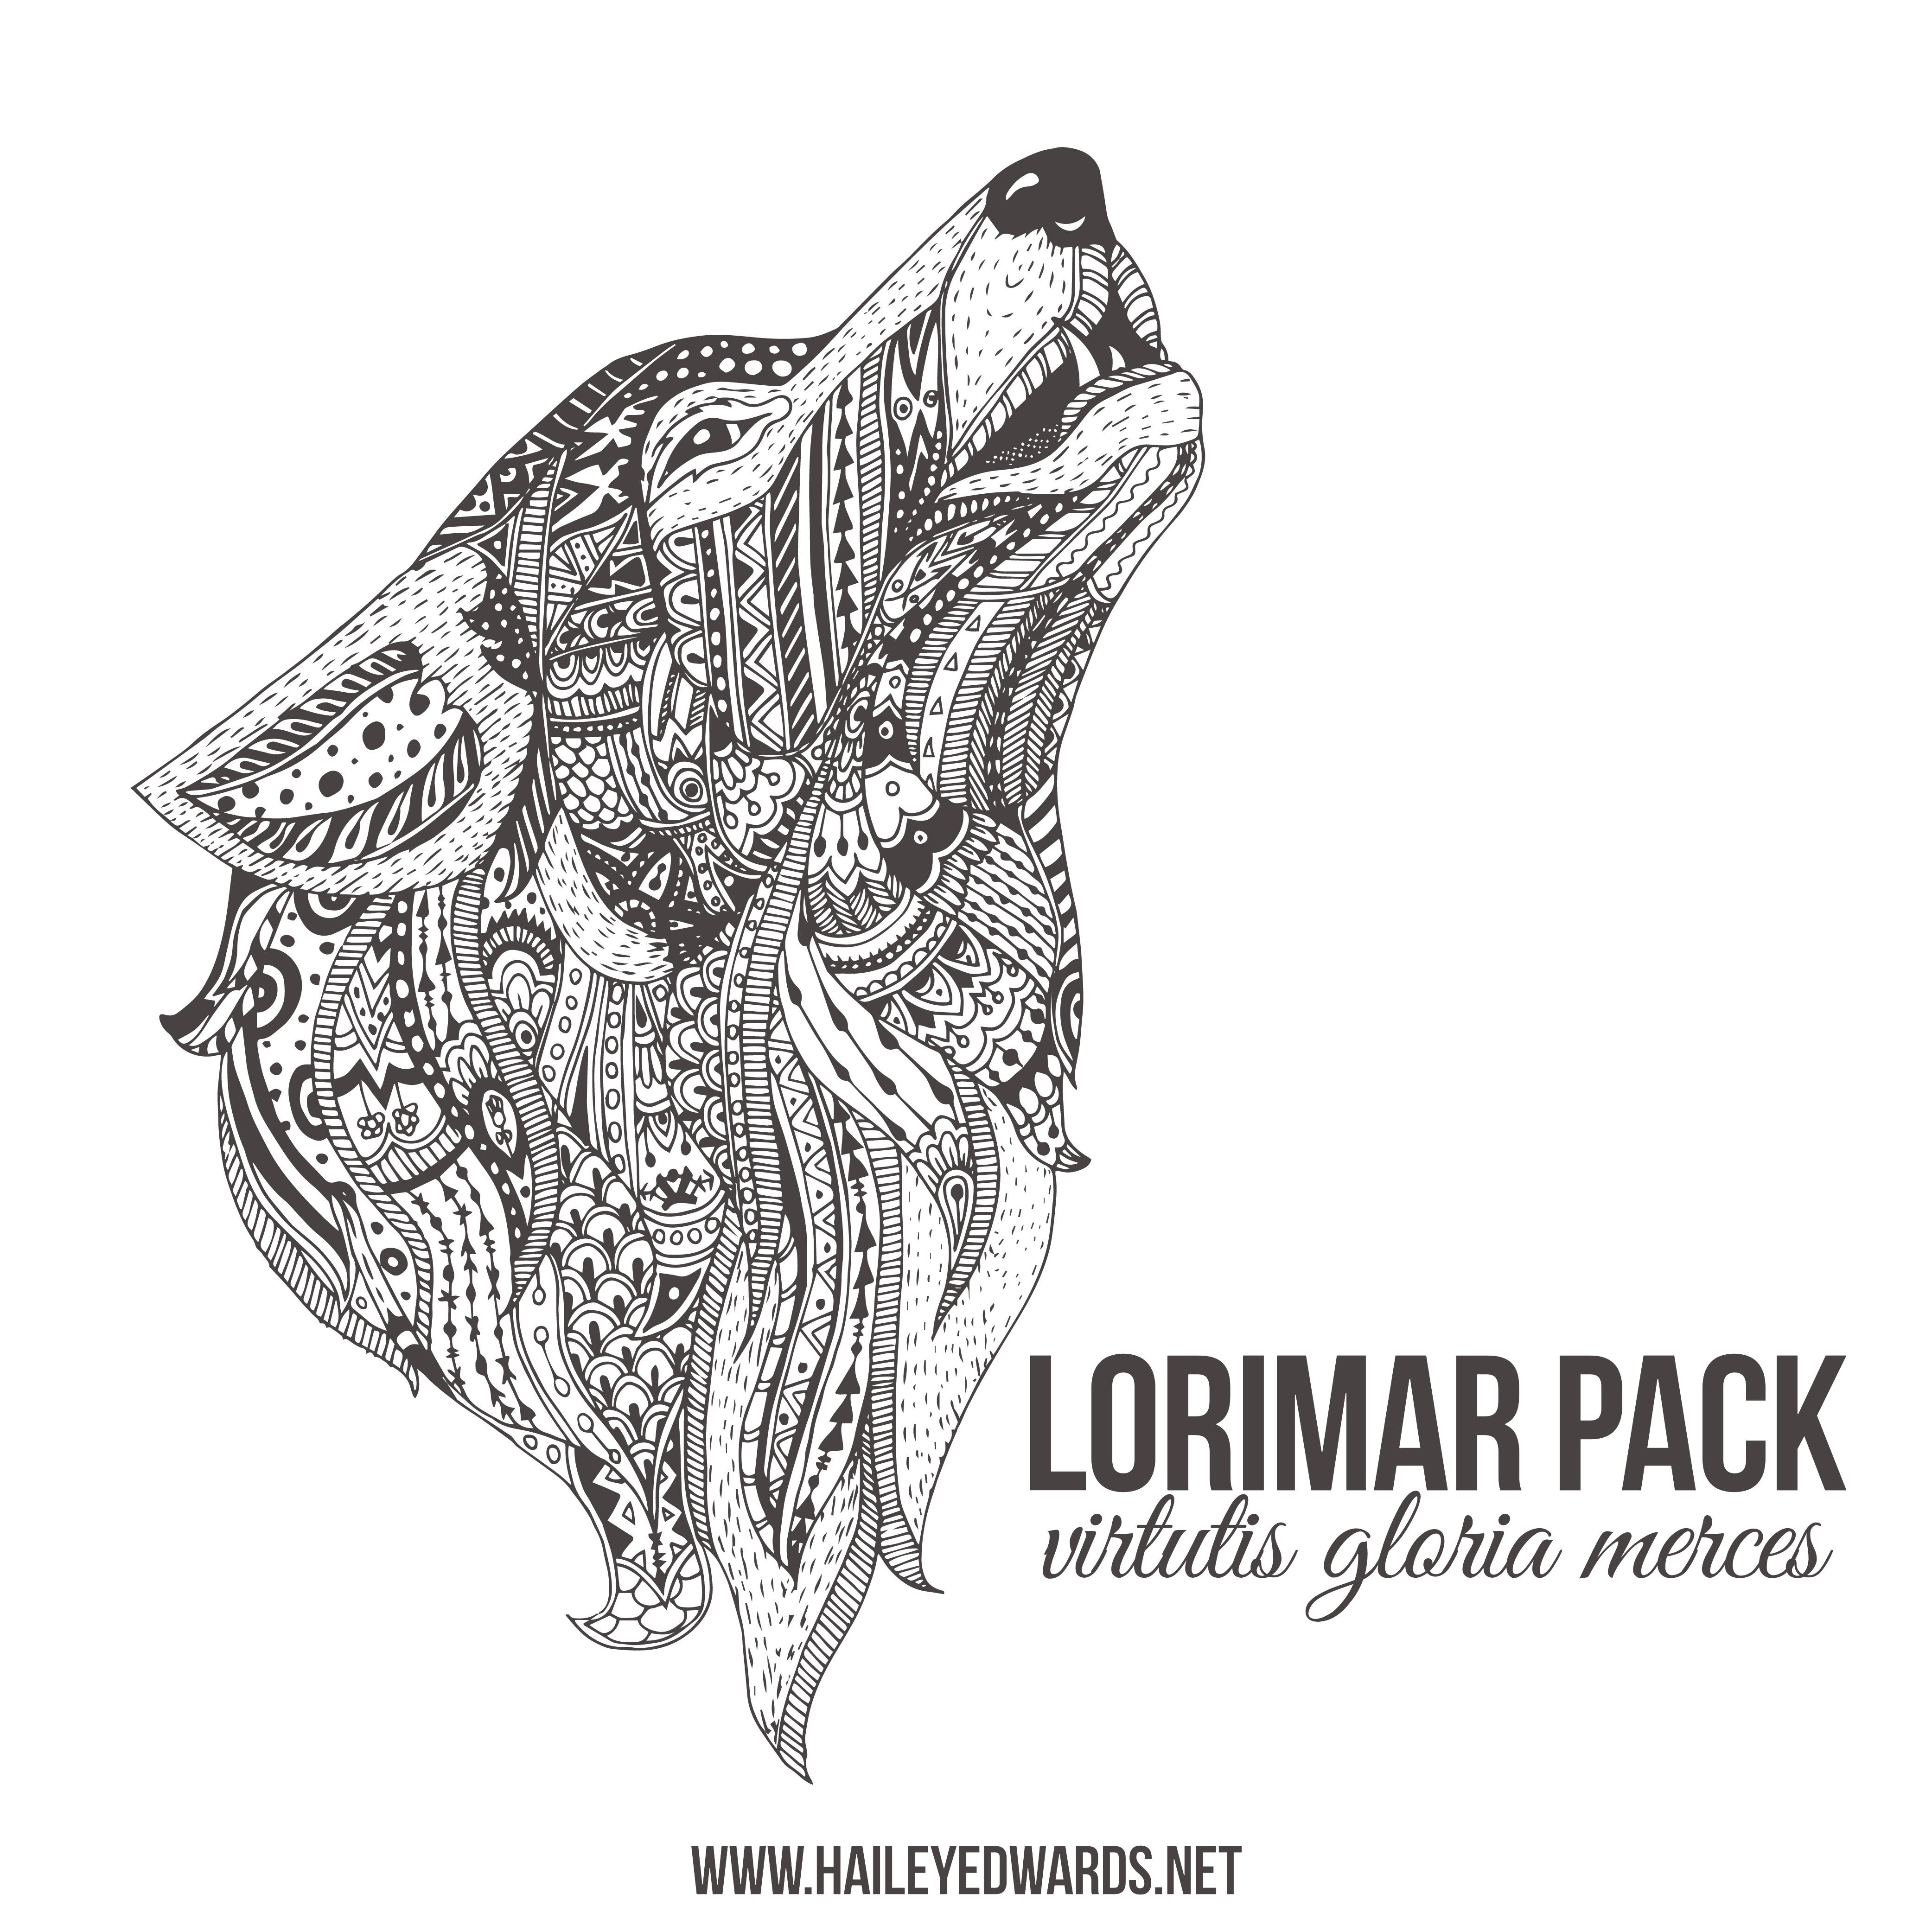 lorimar pack